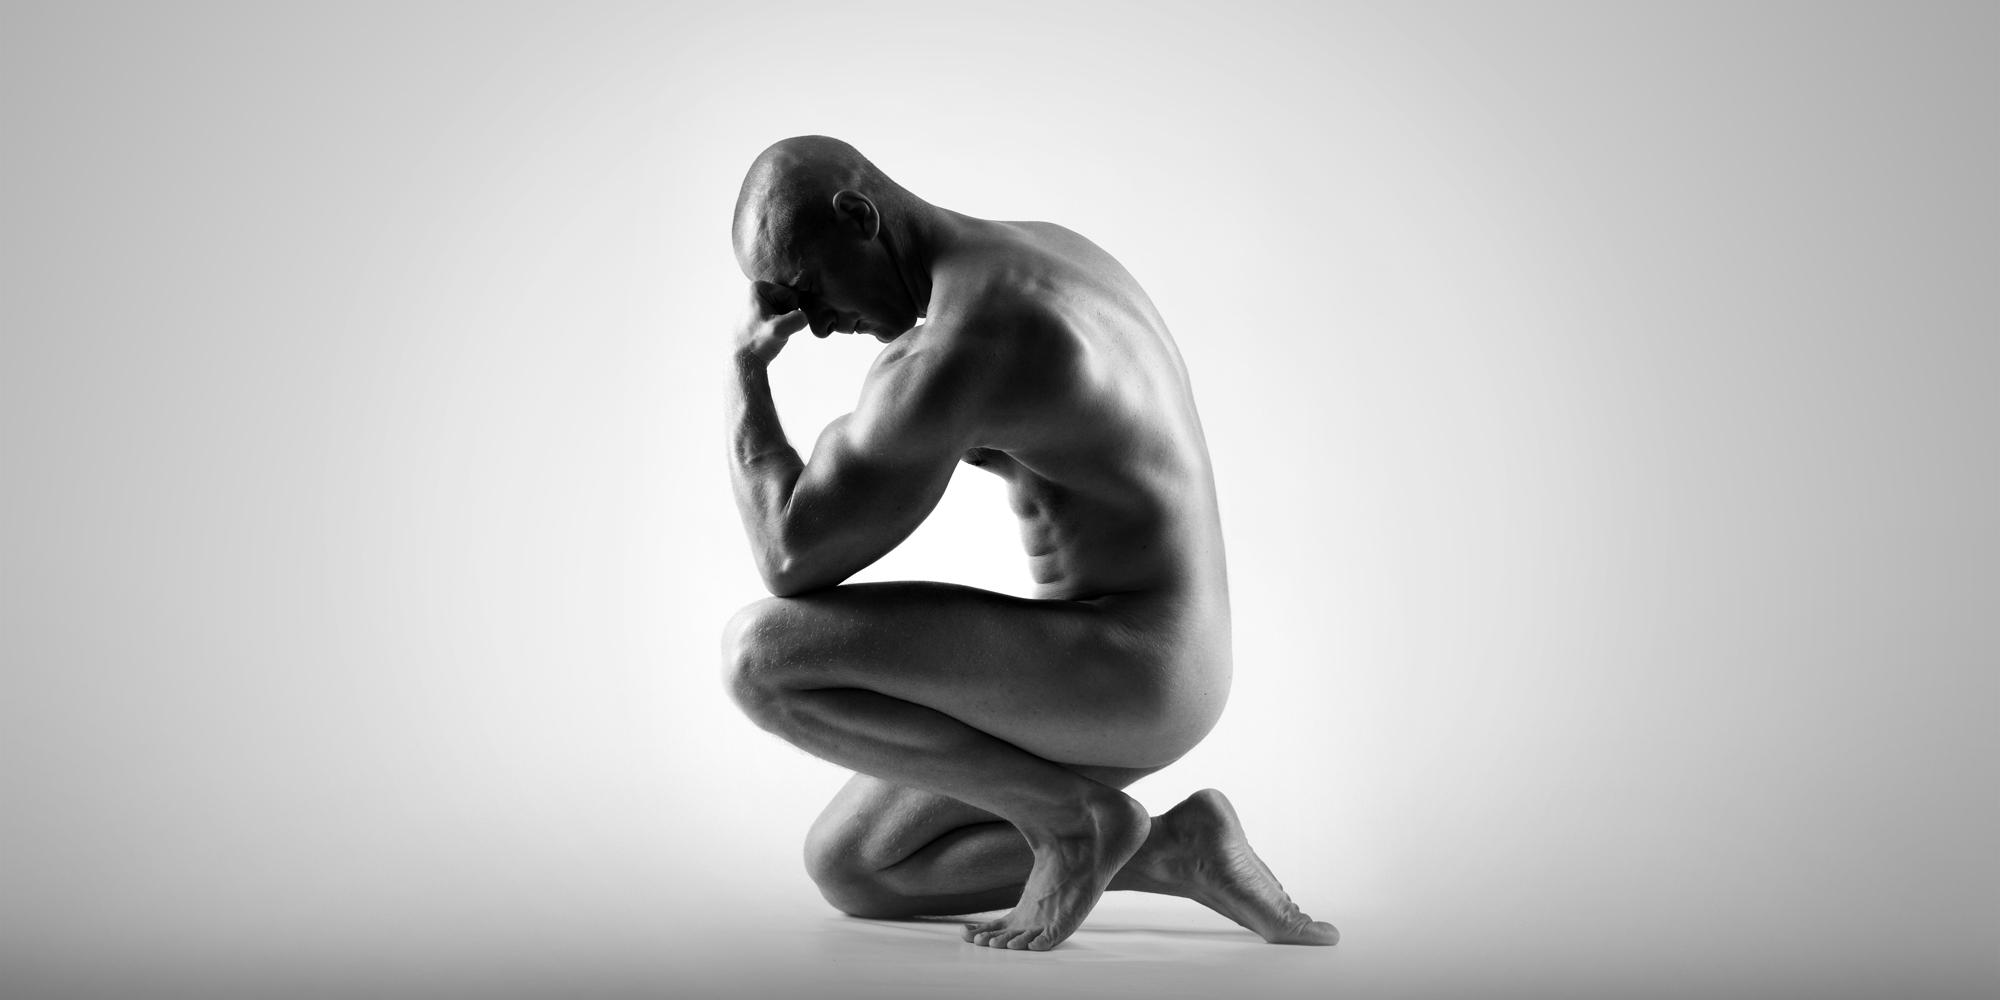 Seitliches Portrait eines knienden, nackten Mannes, der seine Stirn auf der Faust seines angewinkelten Armes ablegt.